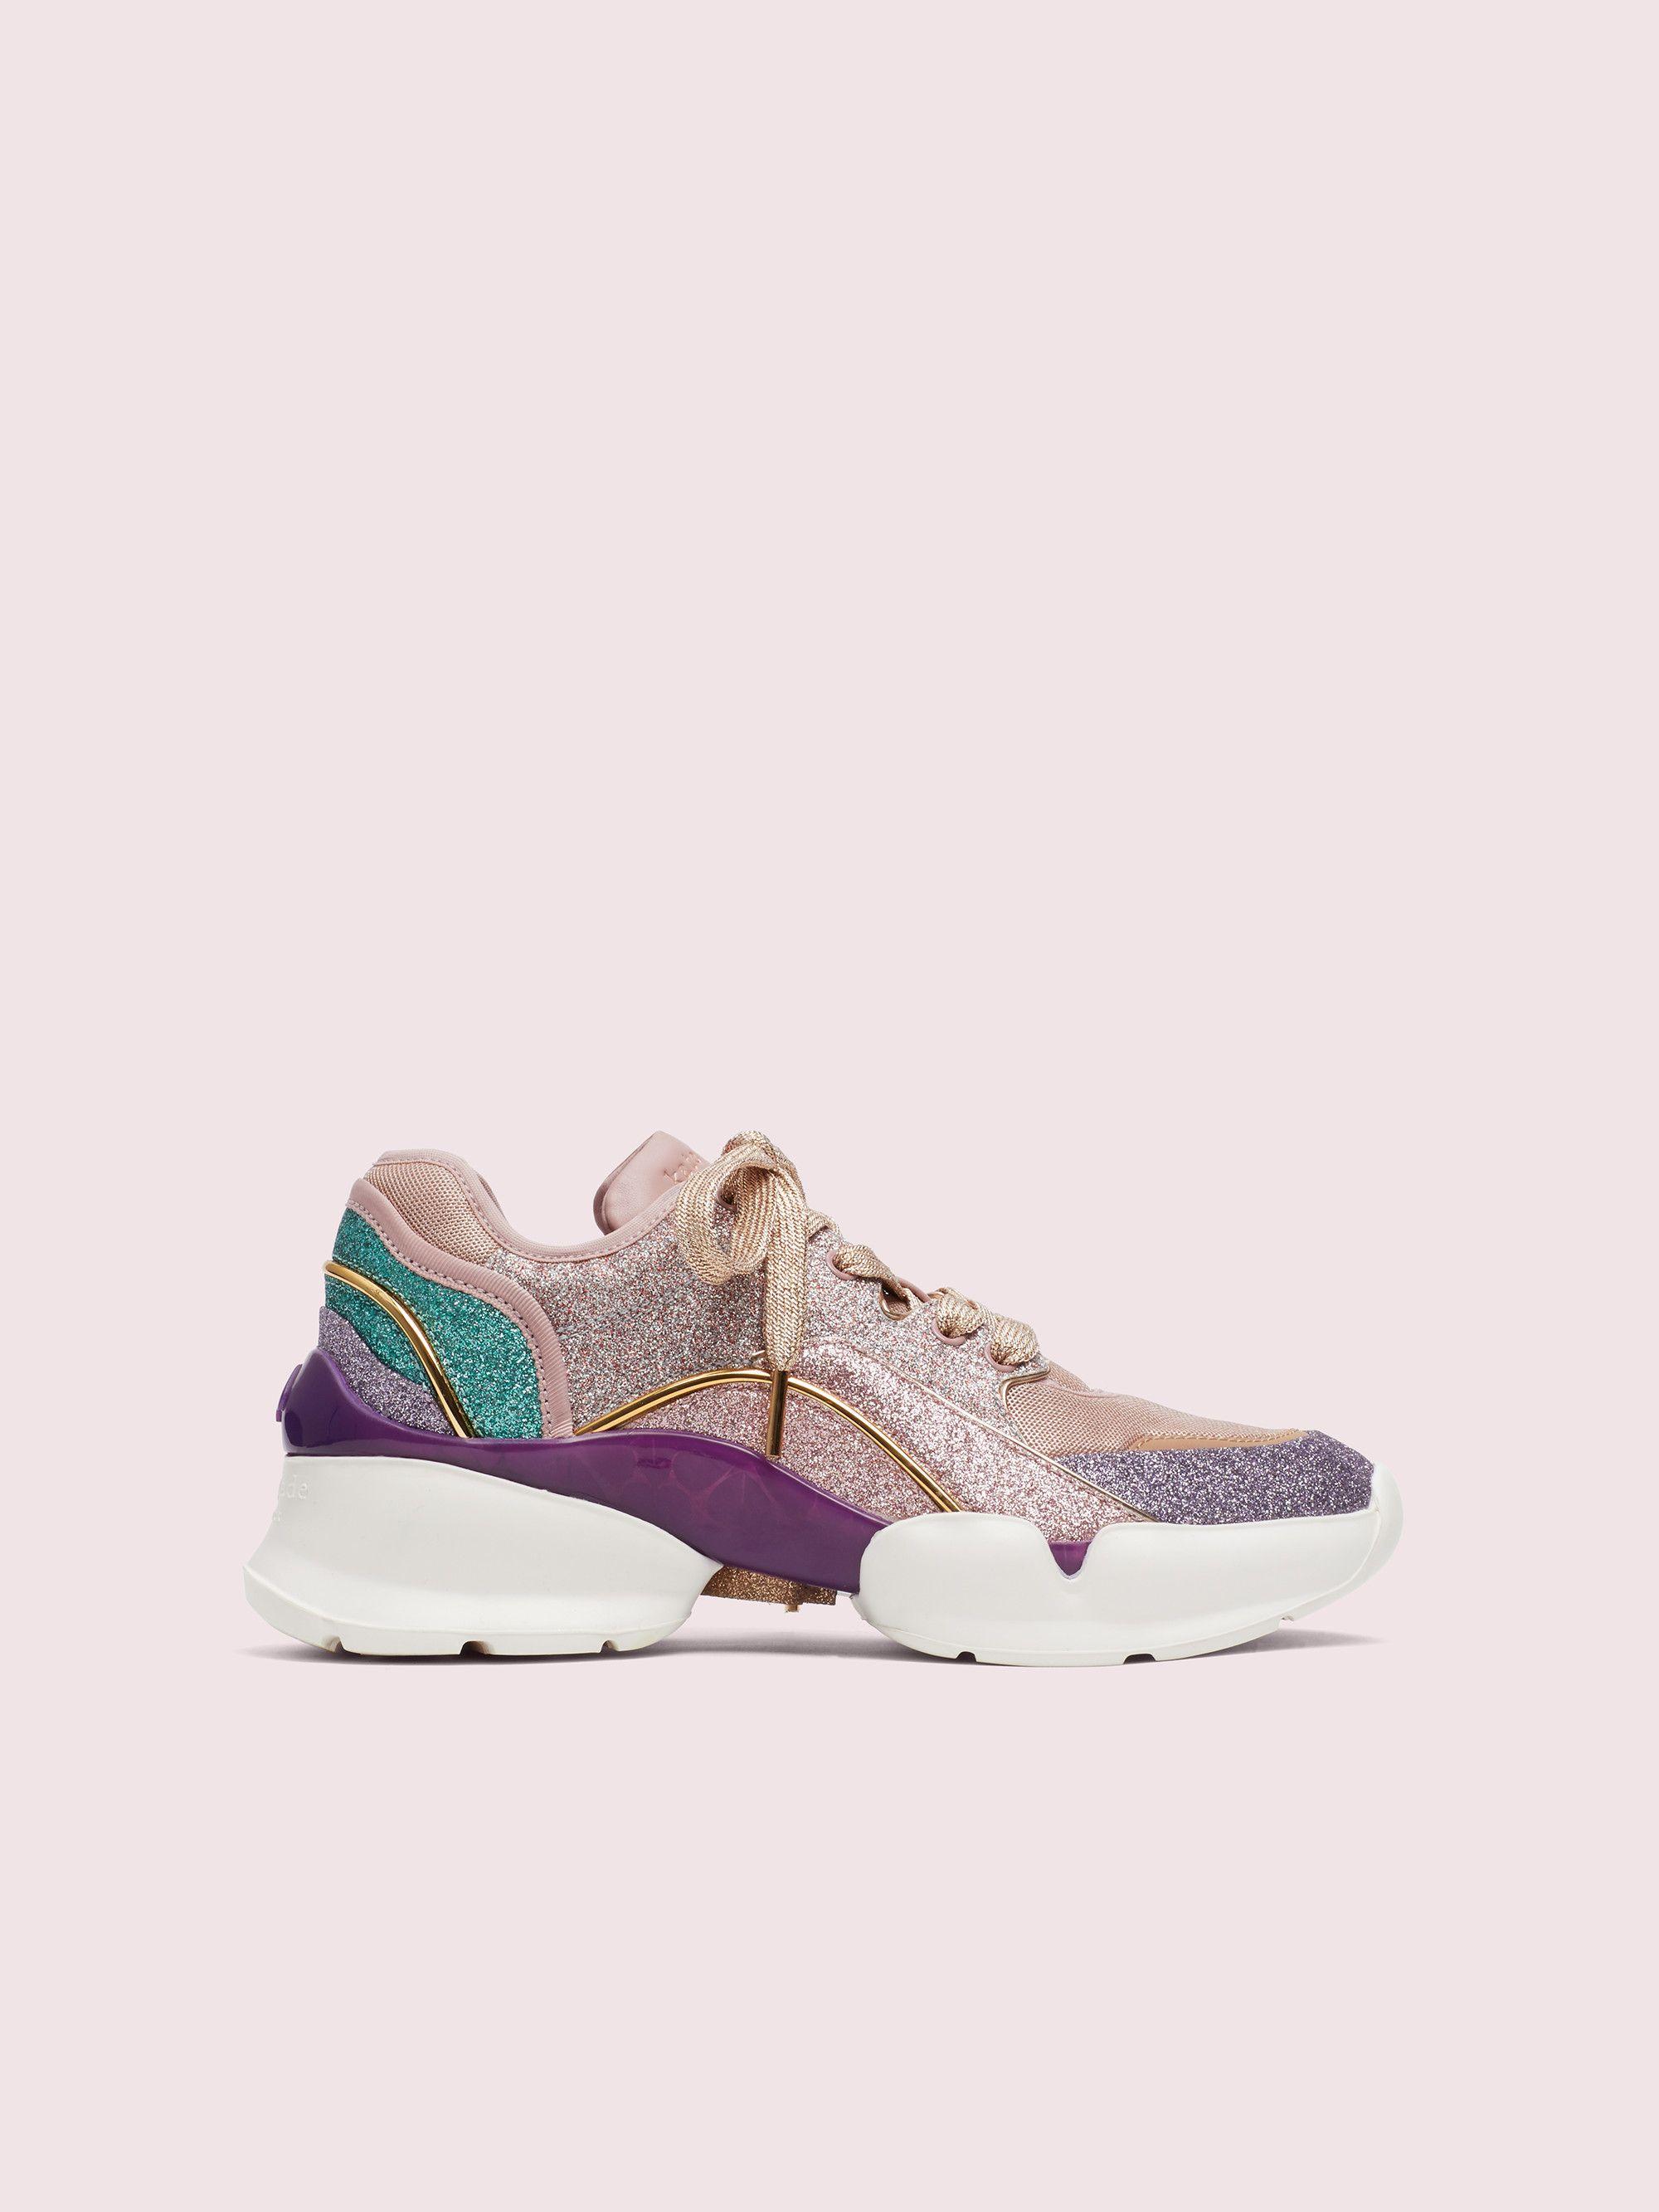 Kate Spade cloud sneakers | Cloud shoes